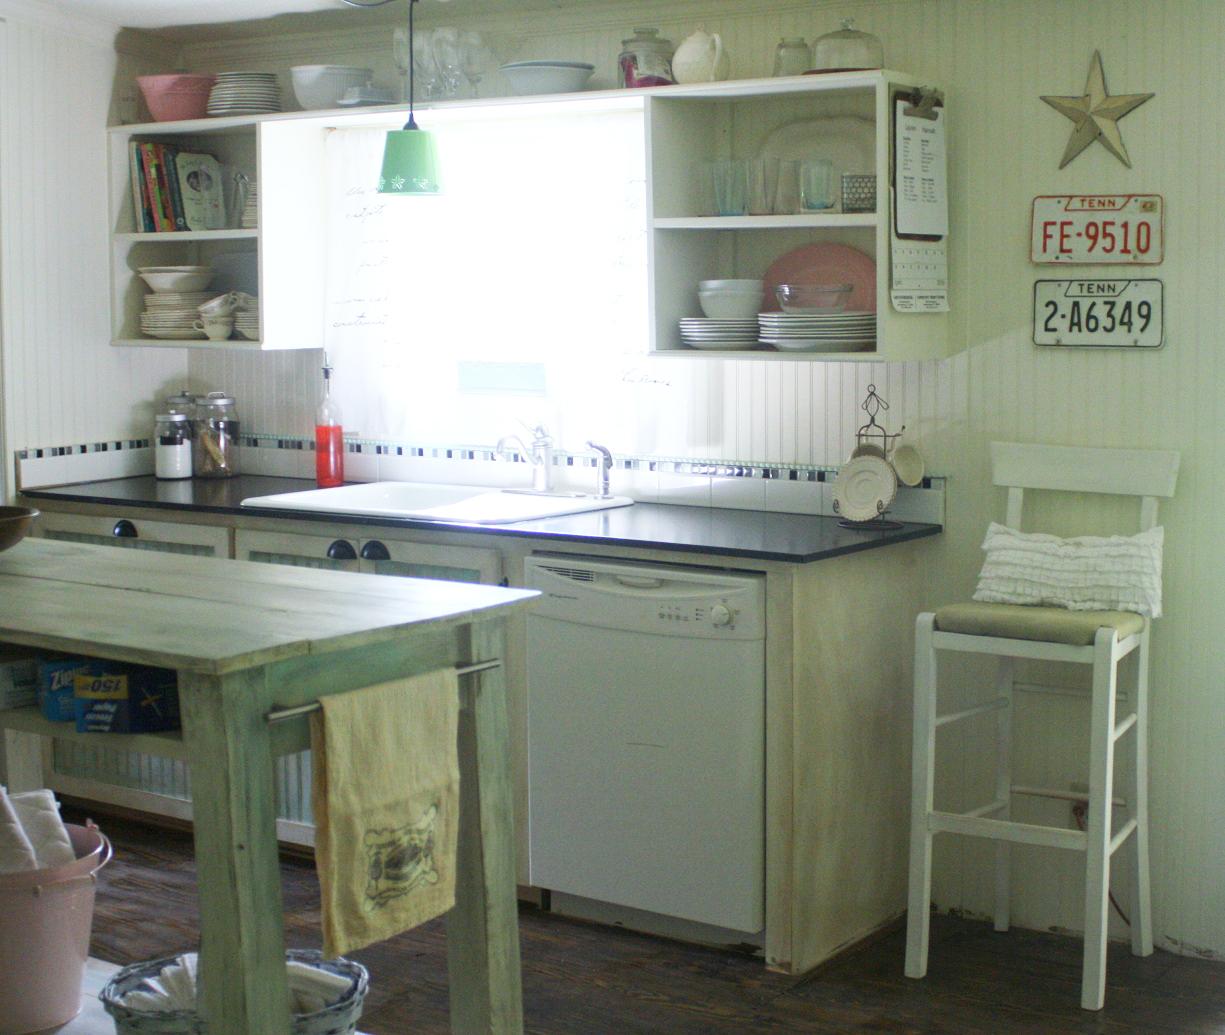 rustic shabby chic kitchen addition shabby chic kitchen ideas eat kitchen ideas kitchen impossible diy kitchen design